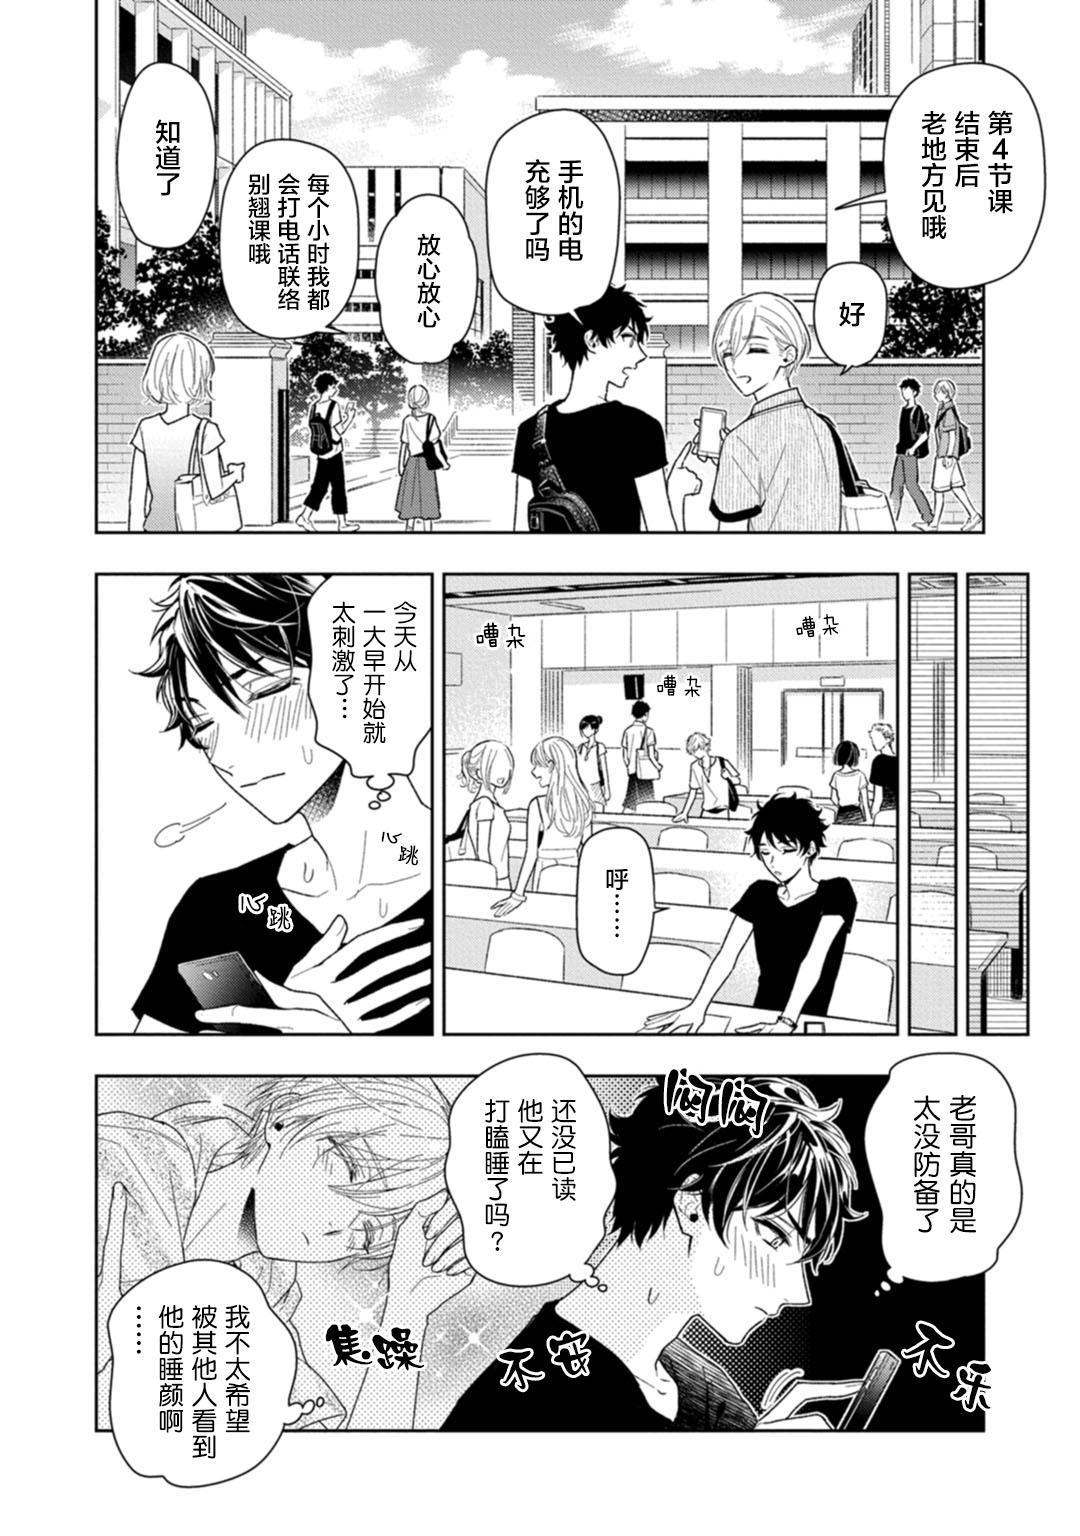 Aniki no ichiban Oishii Tokoro   老哥最可口的部位 act.1 11